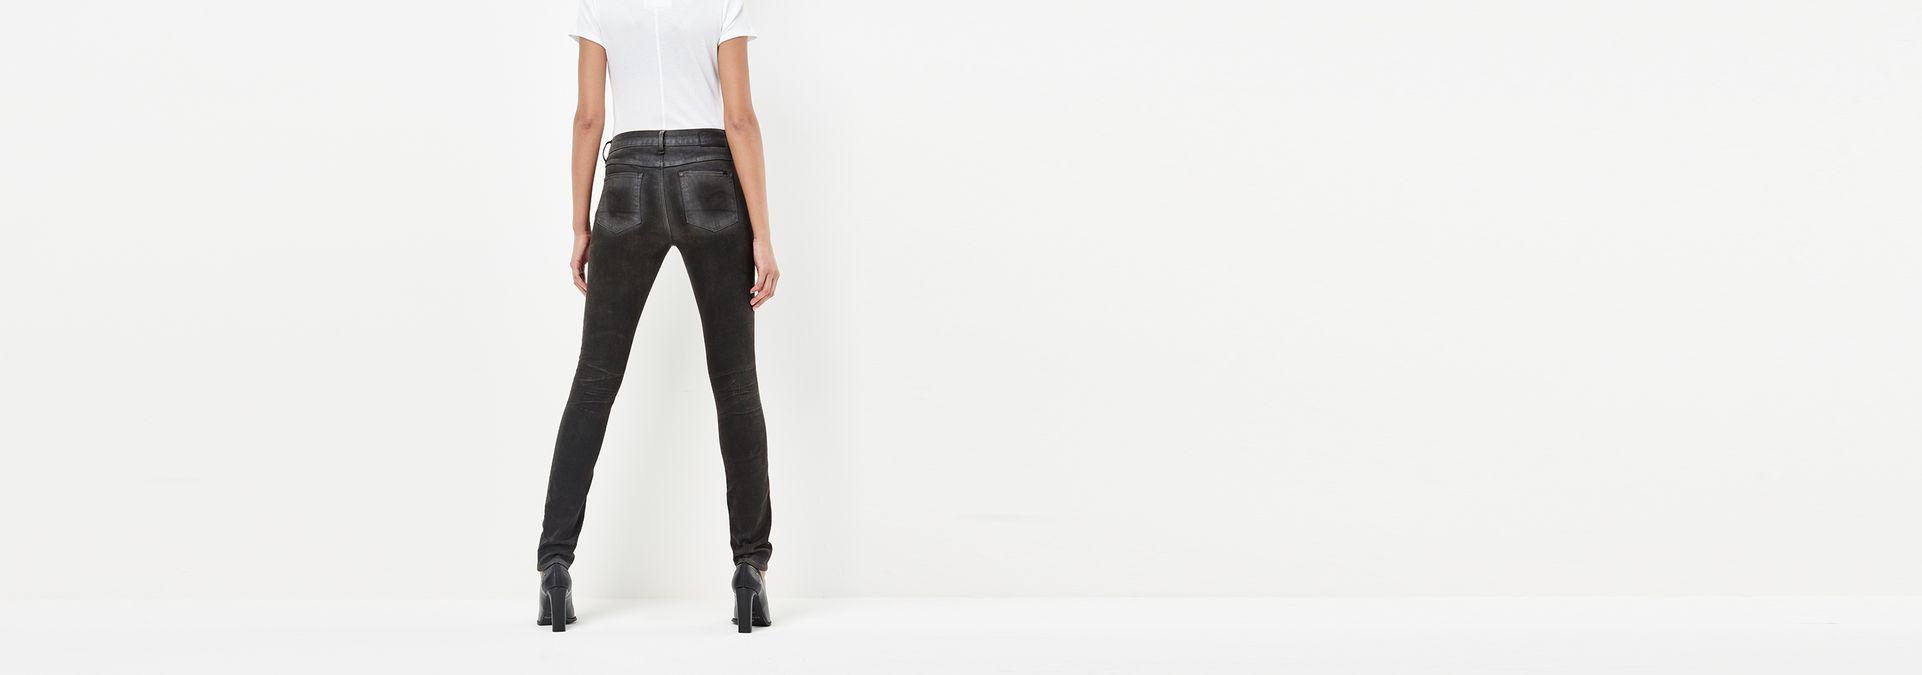 3301 high waist skinny jeans dk aged cobler g star raw. Black Bedroom Furniture Sets. Home Design Ideas